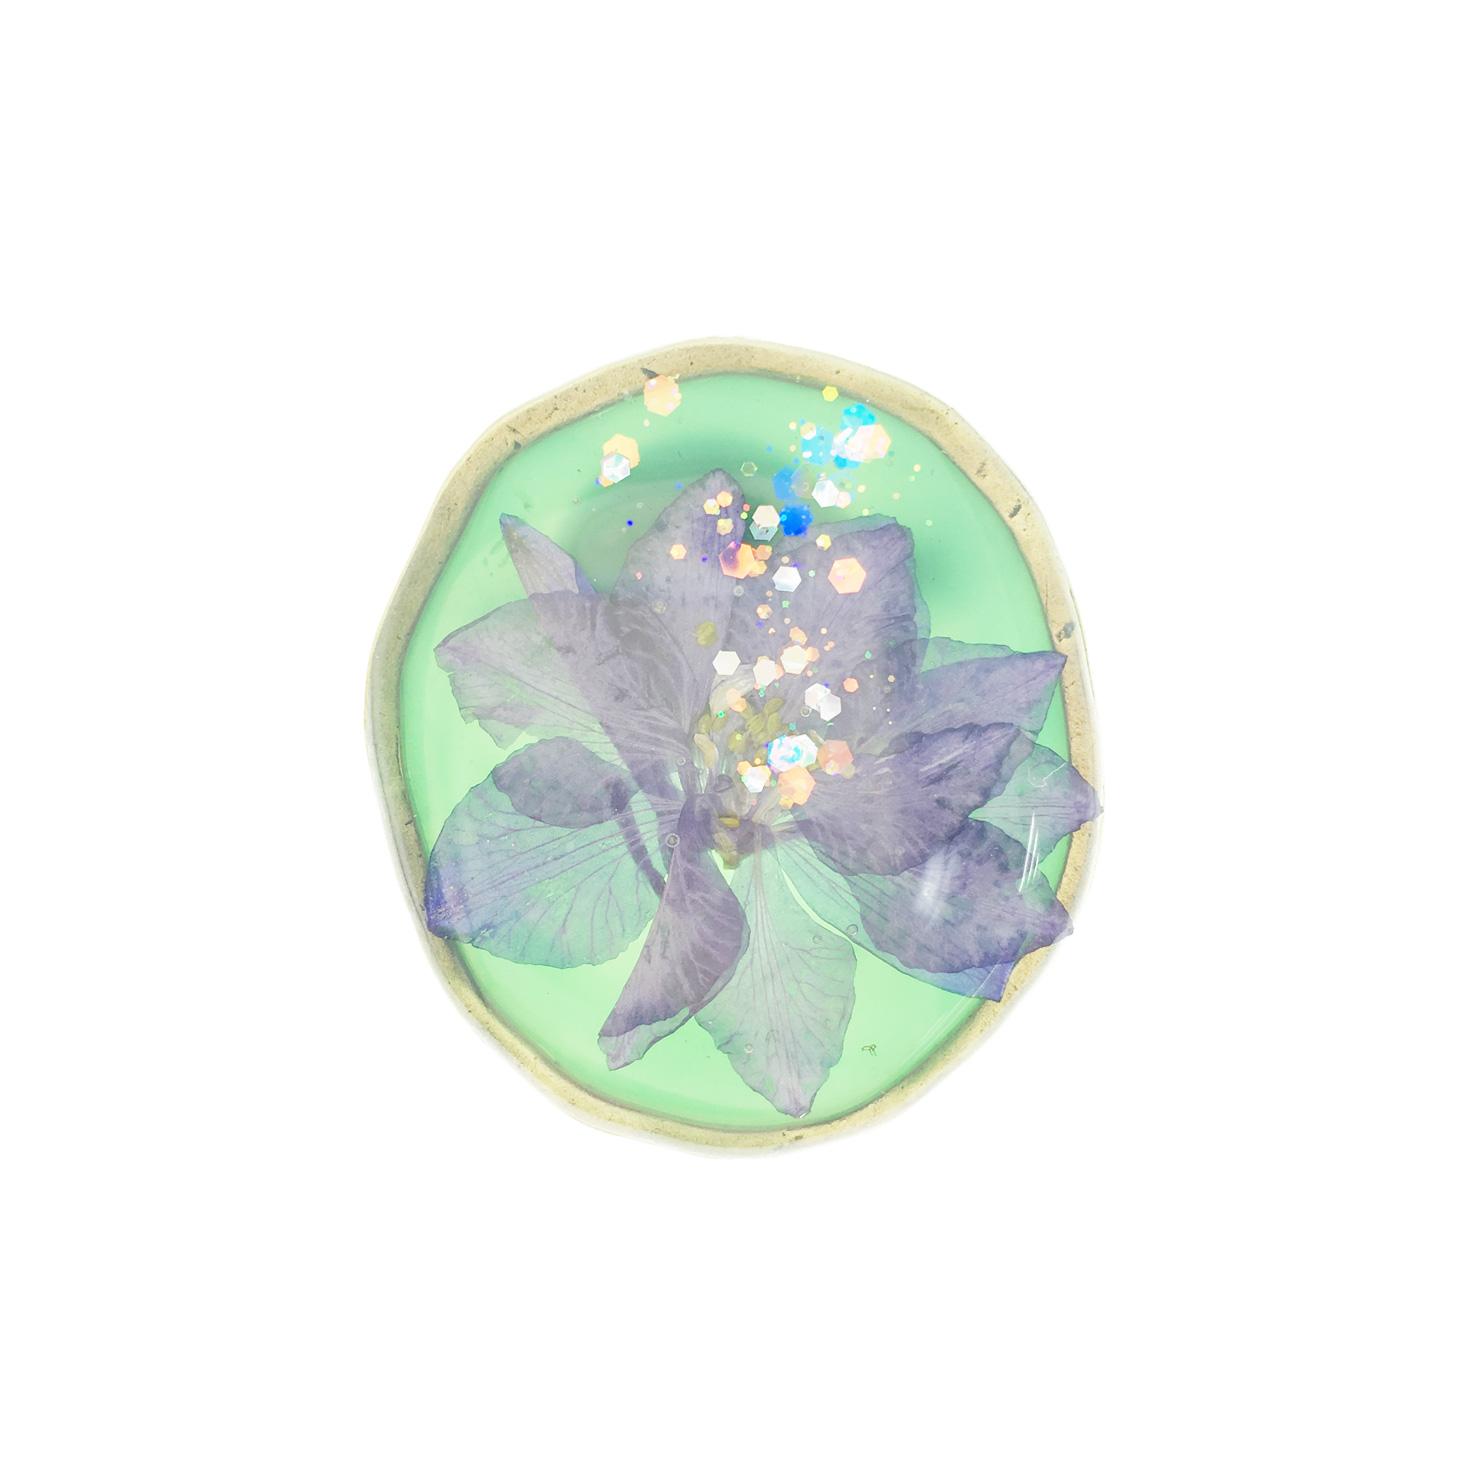 韓國 乾燥花 紫花 亮片 綠底 胸針 別針